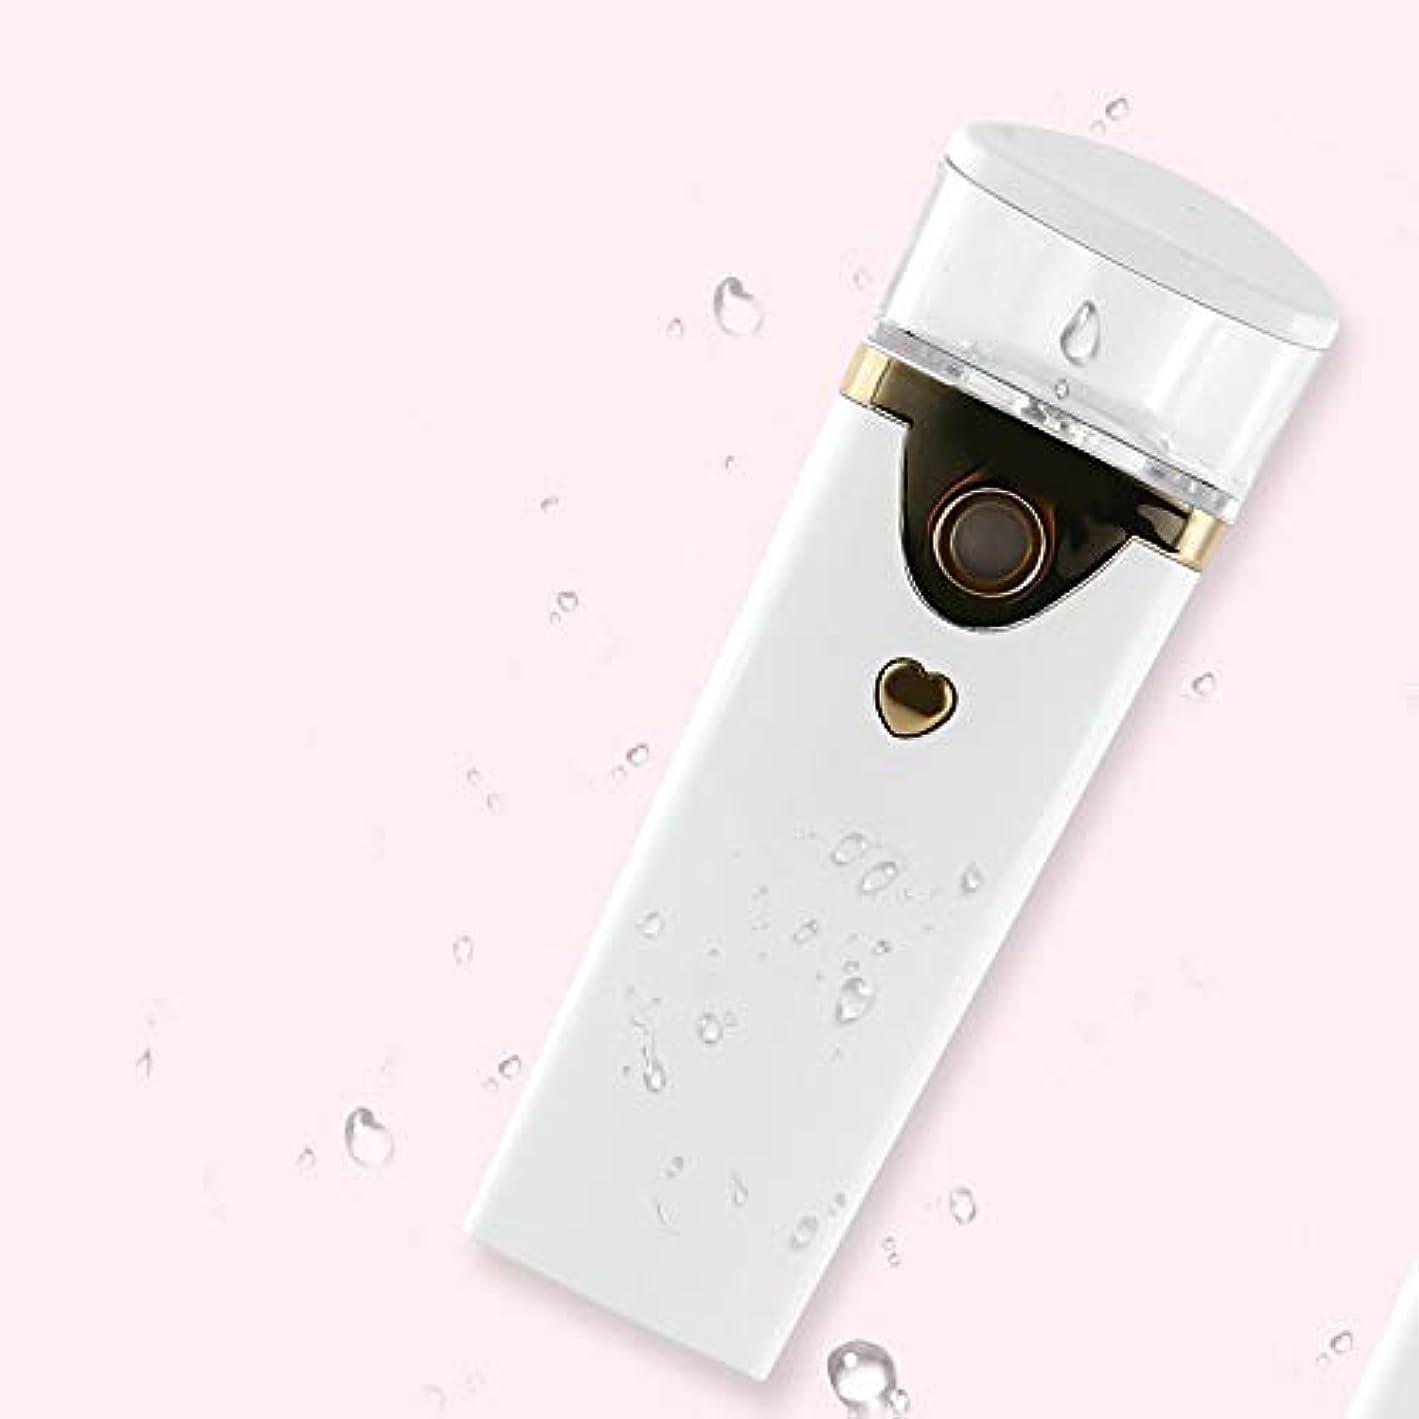 結紮マッサージトロピカルZXF ハンドヘルドポータブルかわいいナノ水道メーターABS材料スチームフェイス水分補給美容器具噴霧器ホワイト 滑らかである